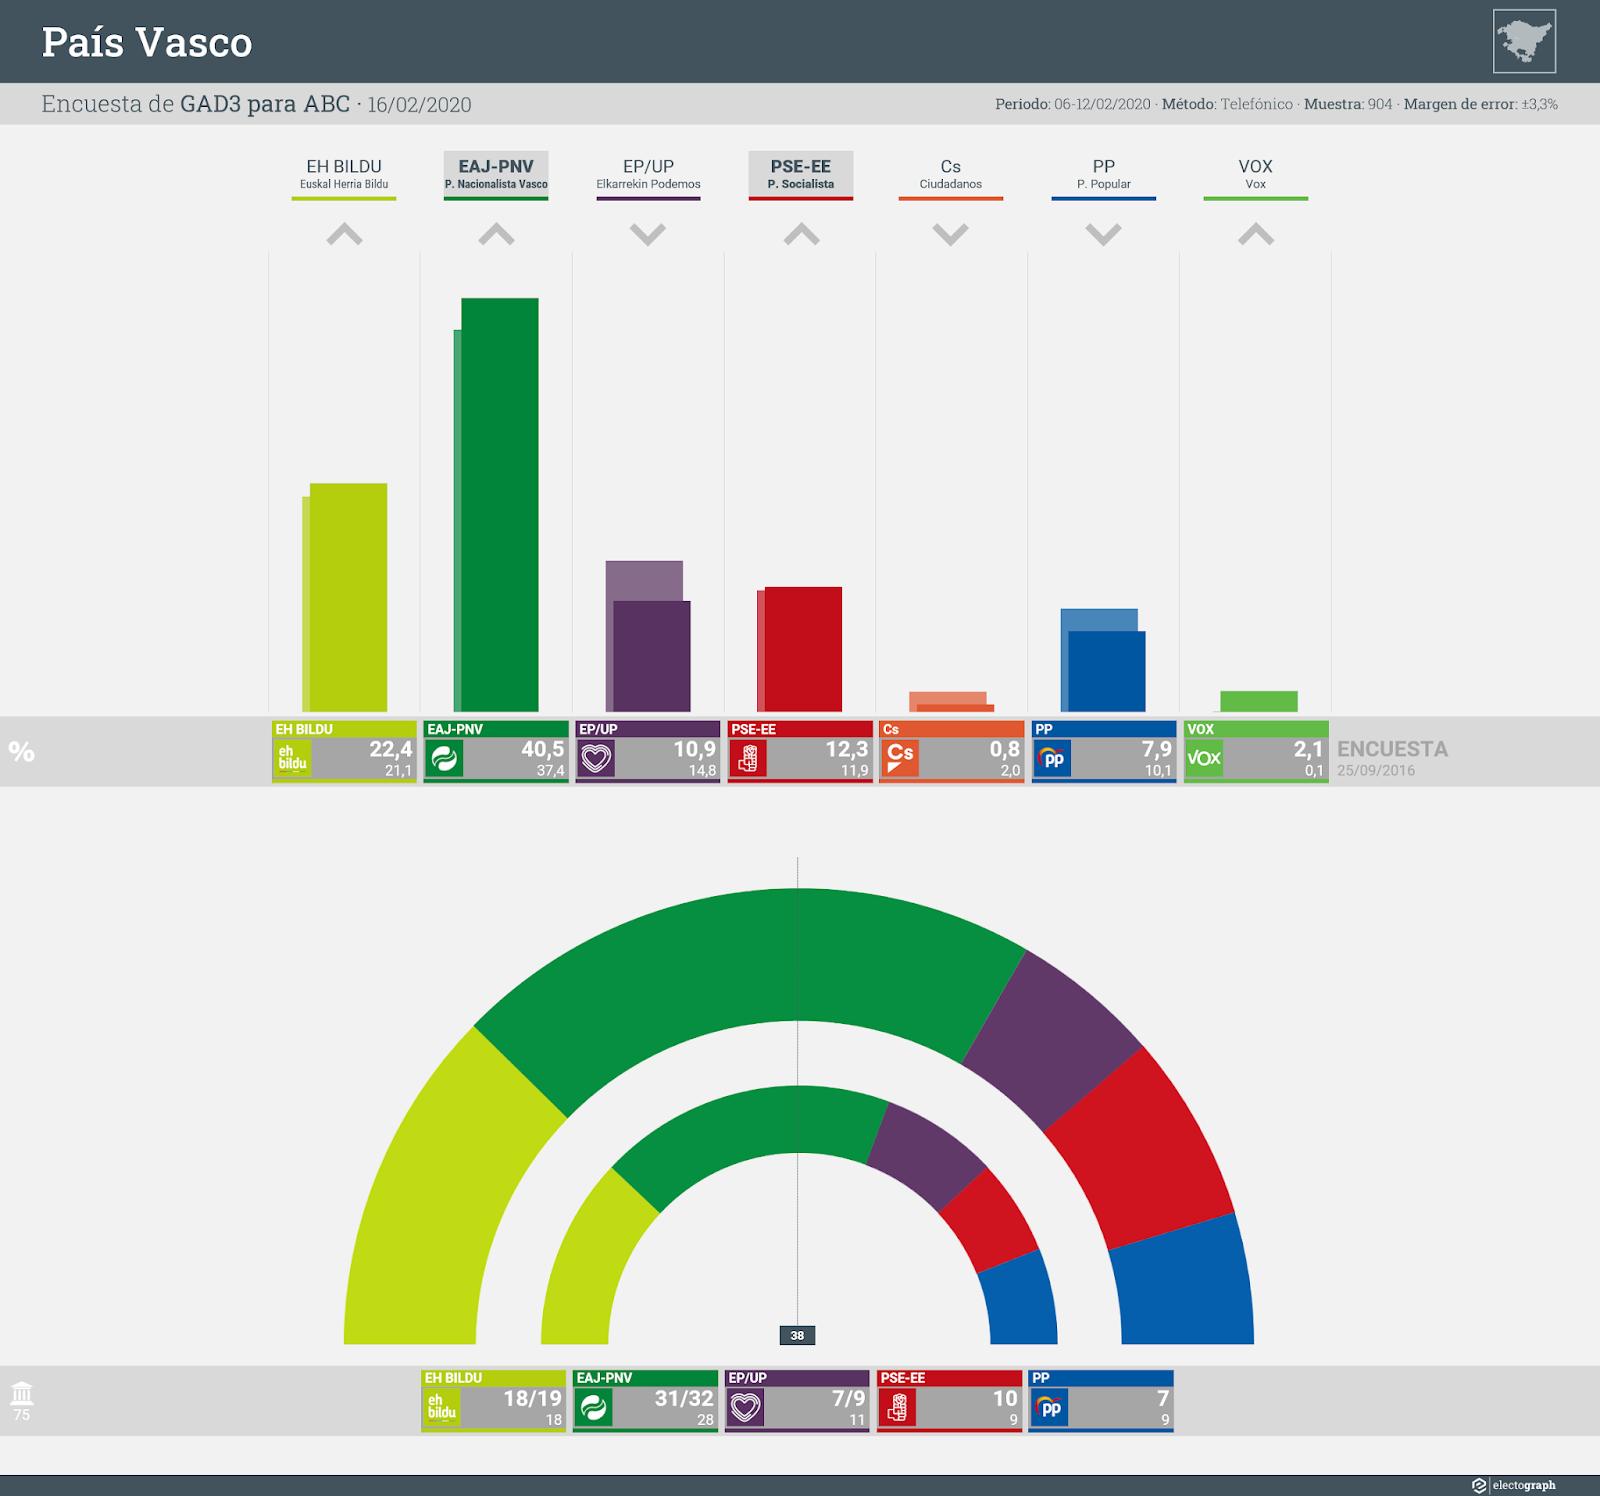 Gráfico de la encuesta para elecciones autonómicas en el País Vasco realizada por GAD3 para ABC, 16 de febrero de 2020